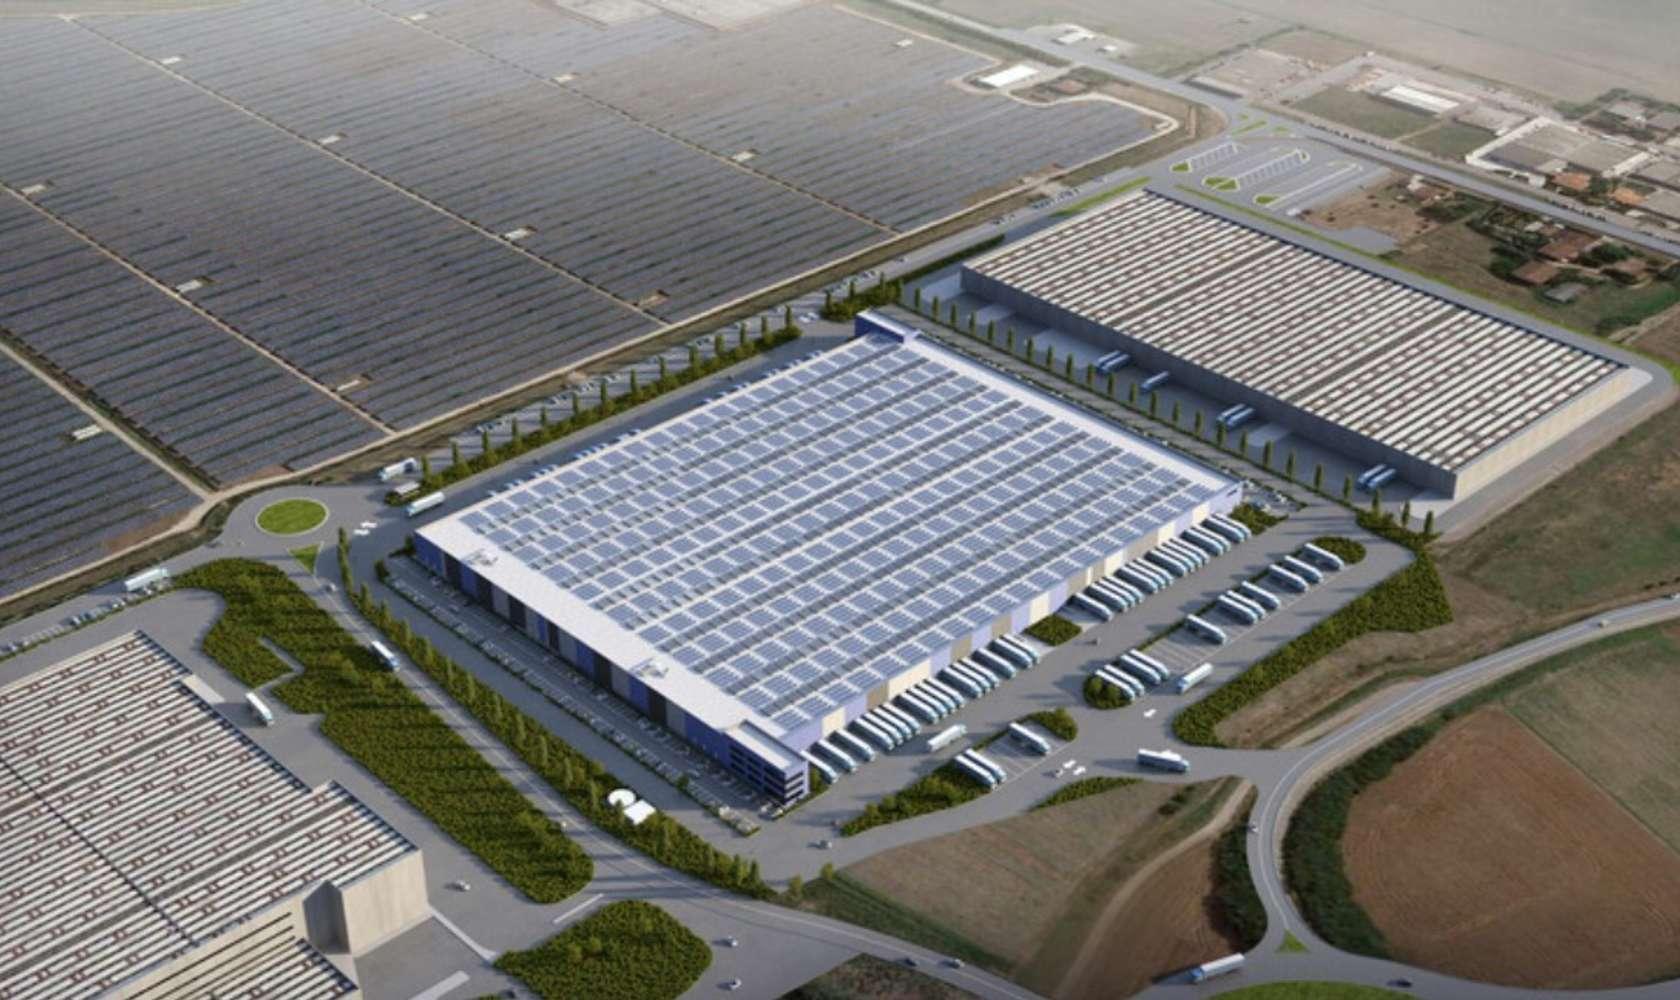 Magazzini industriali e logistici San bellino, 45020 - San Bellino Sviluppo Logistico